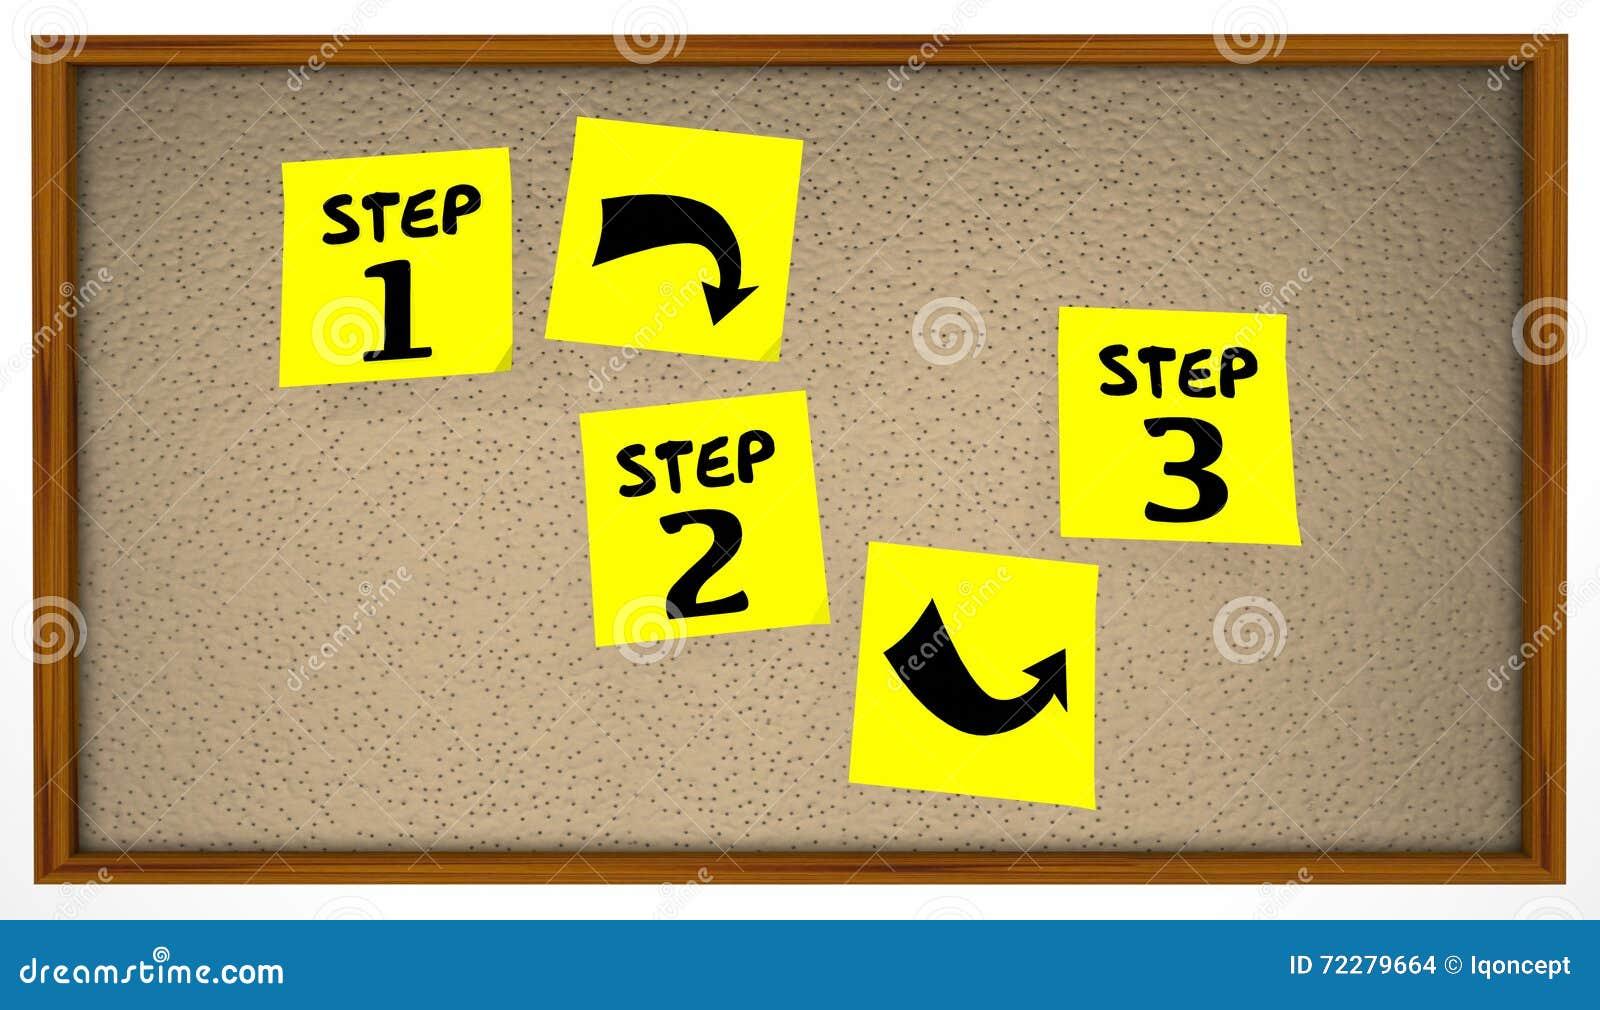 Steps Instructions 1 2 3 Bulletin Board Sticky Notes